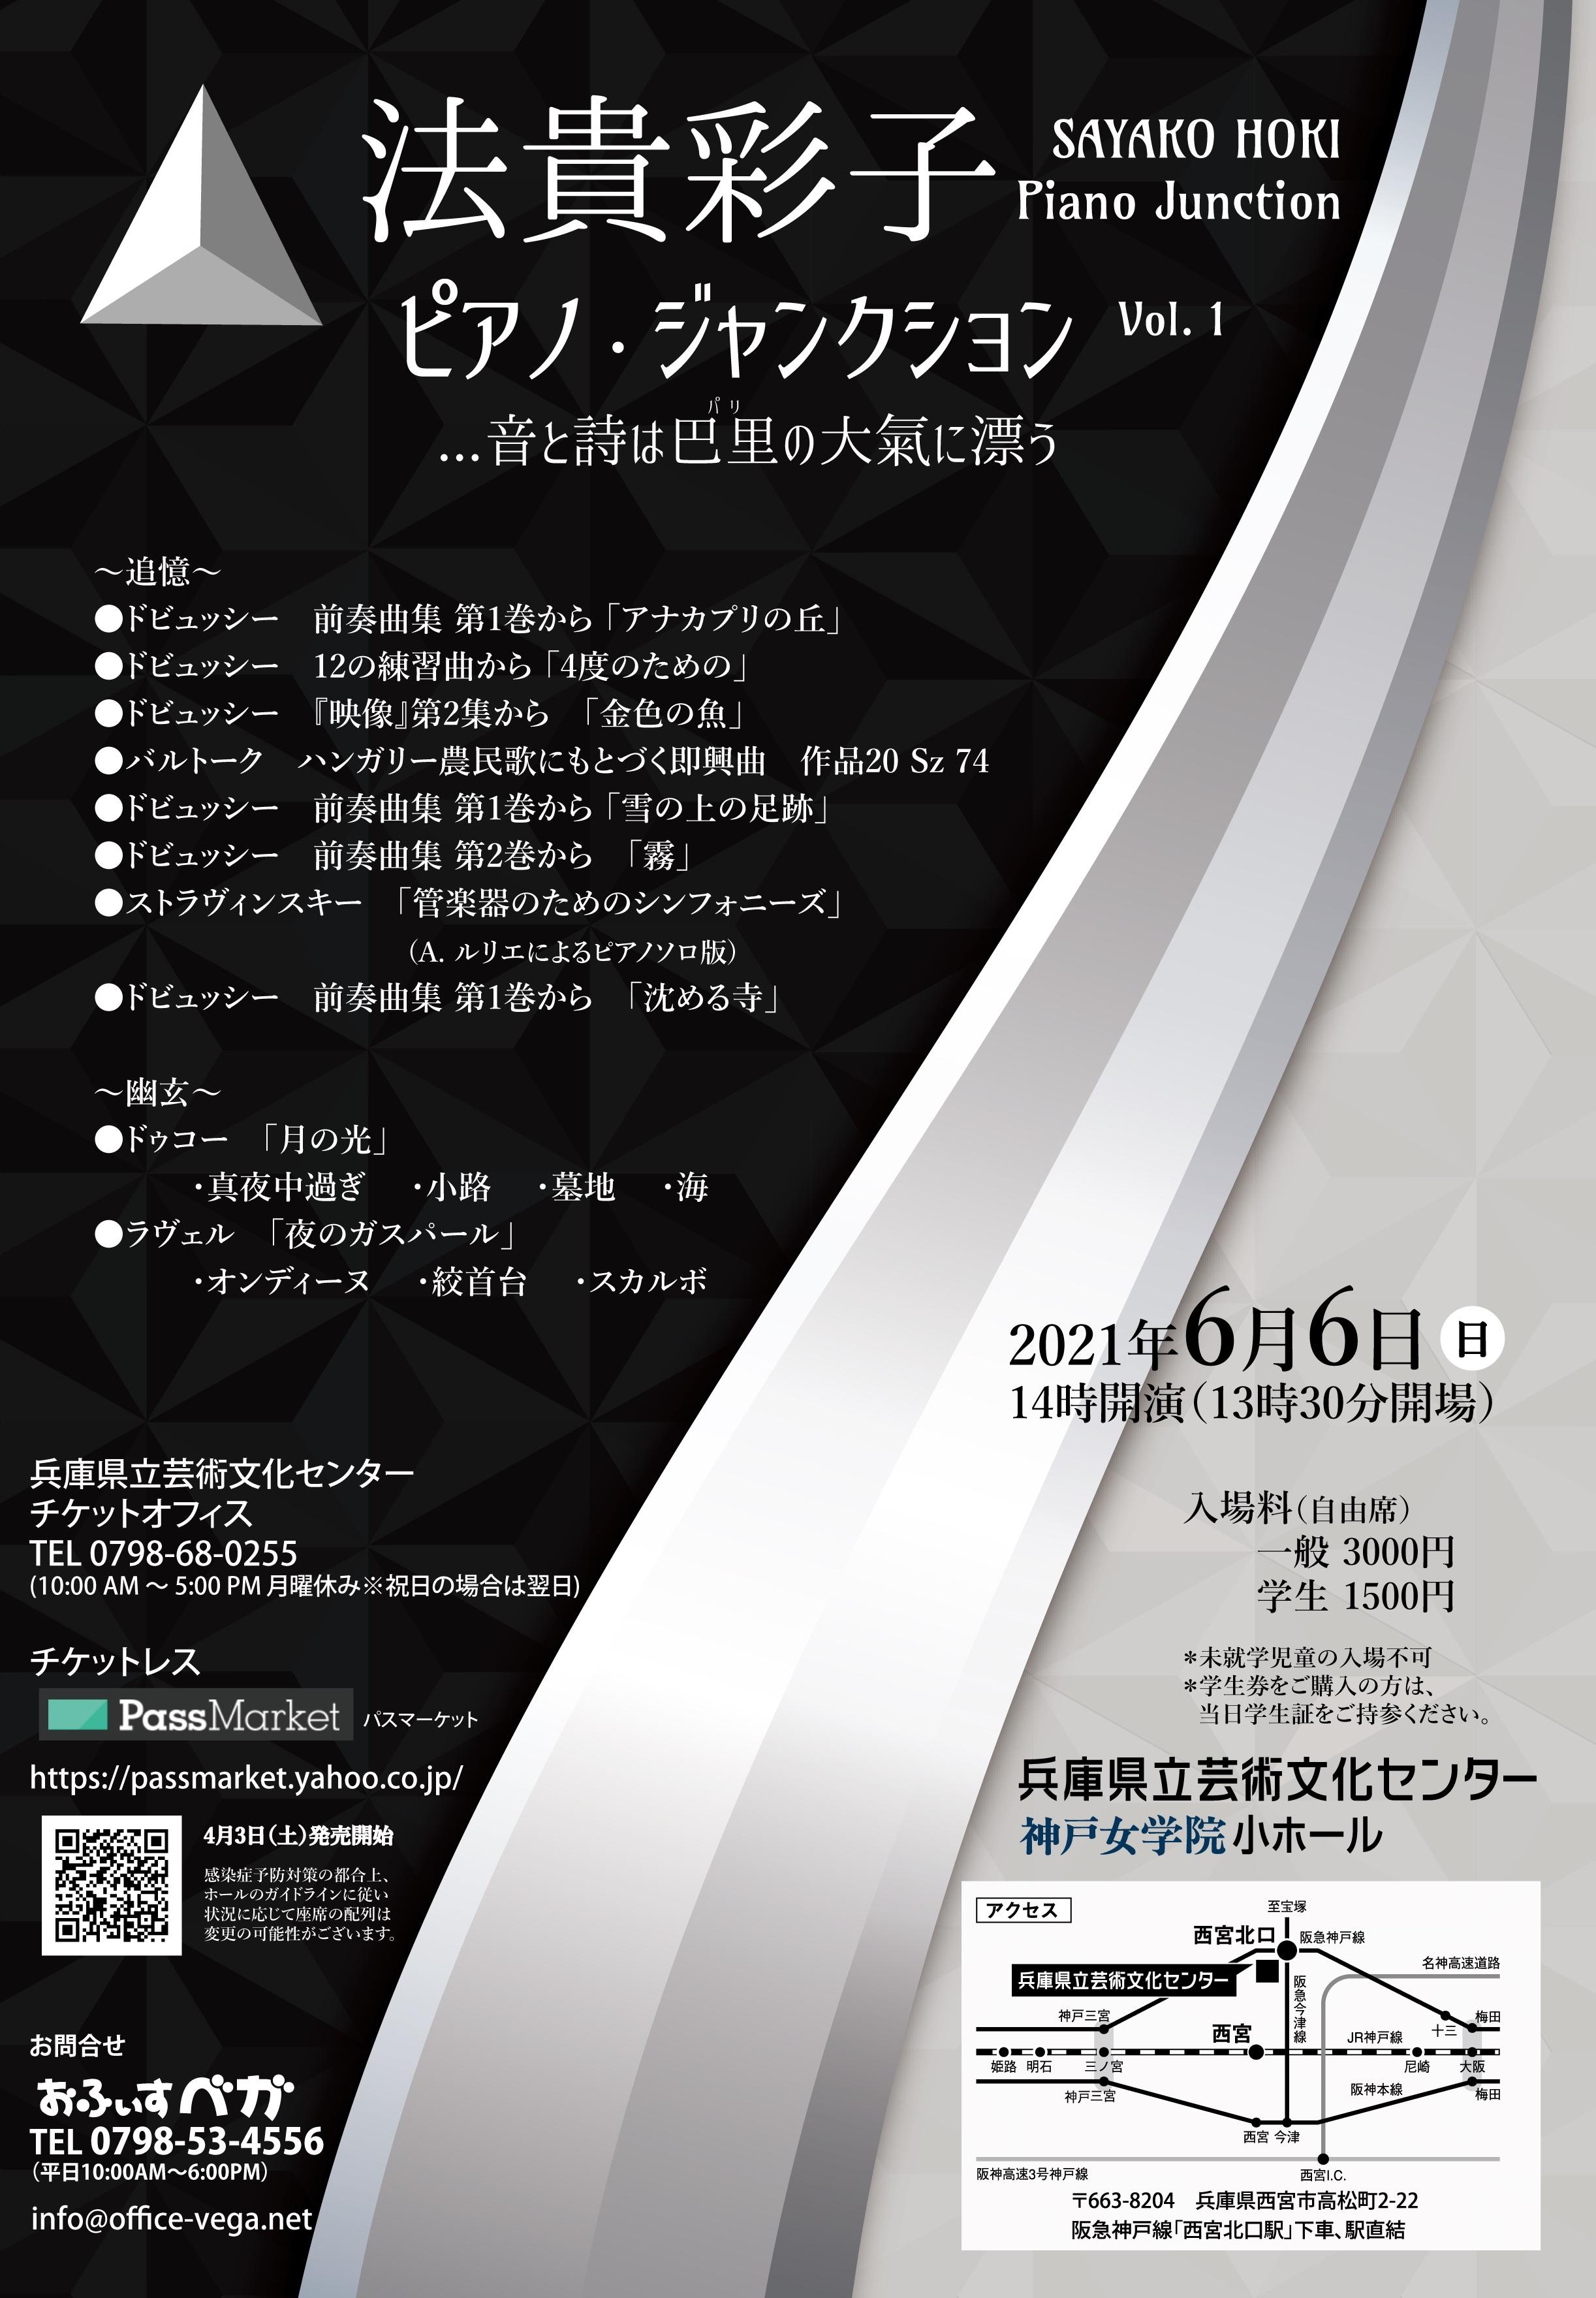 法貴彩子 ピアノ・ジャンクション Vol.1